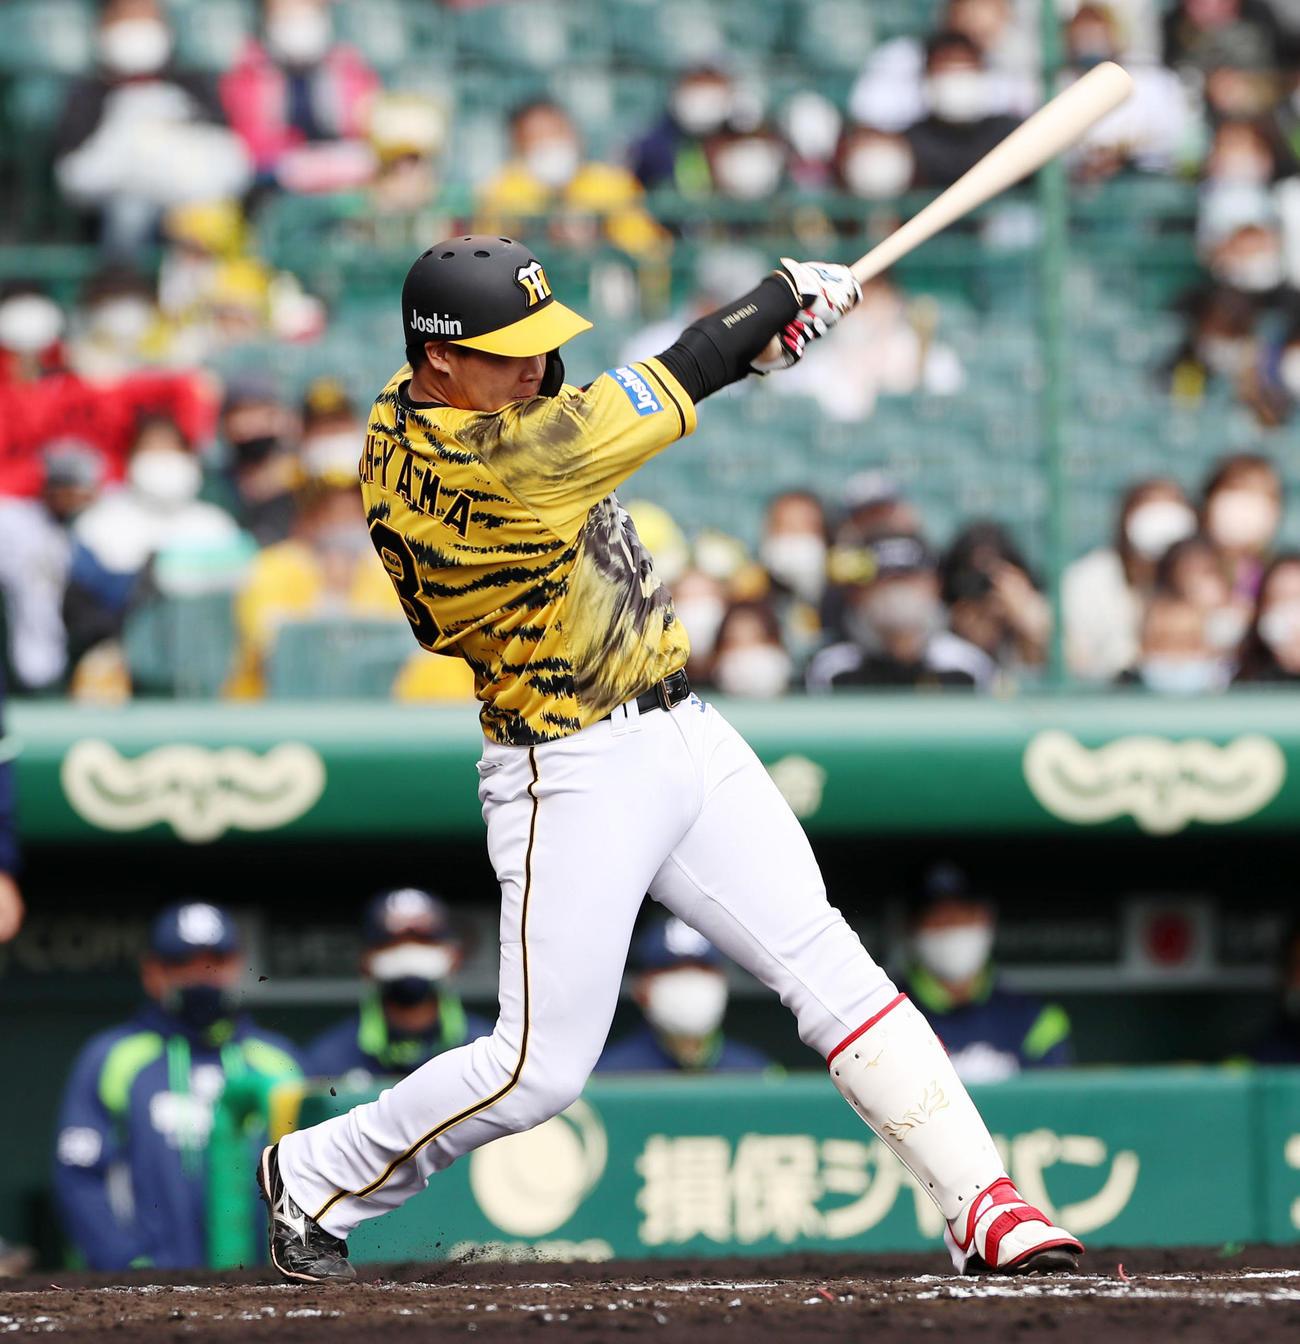 阪神対ヤクルト 3回裏阪神無死満塁、大山は右前適時打を放つ(撮影・加藤哉)